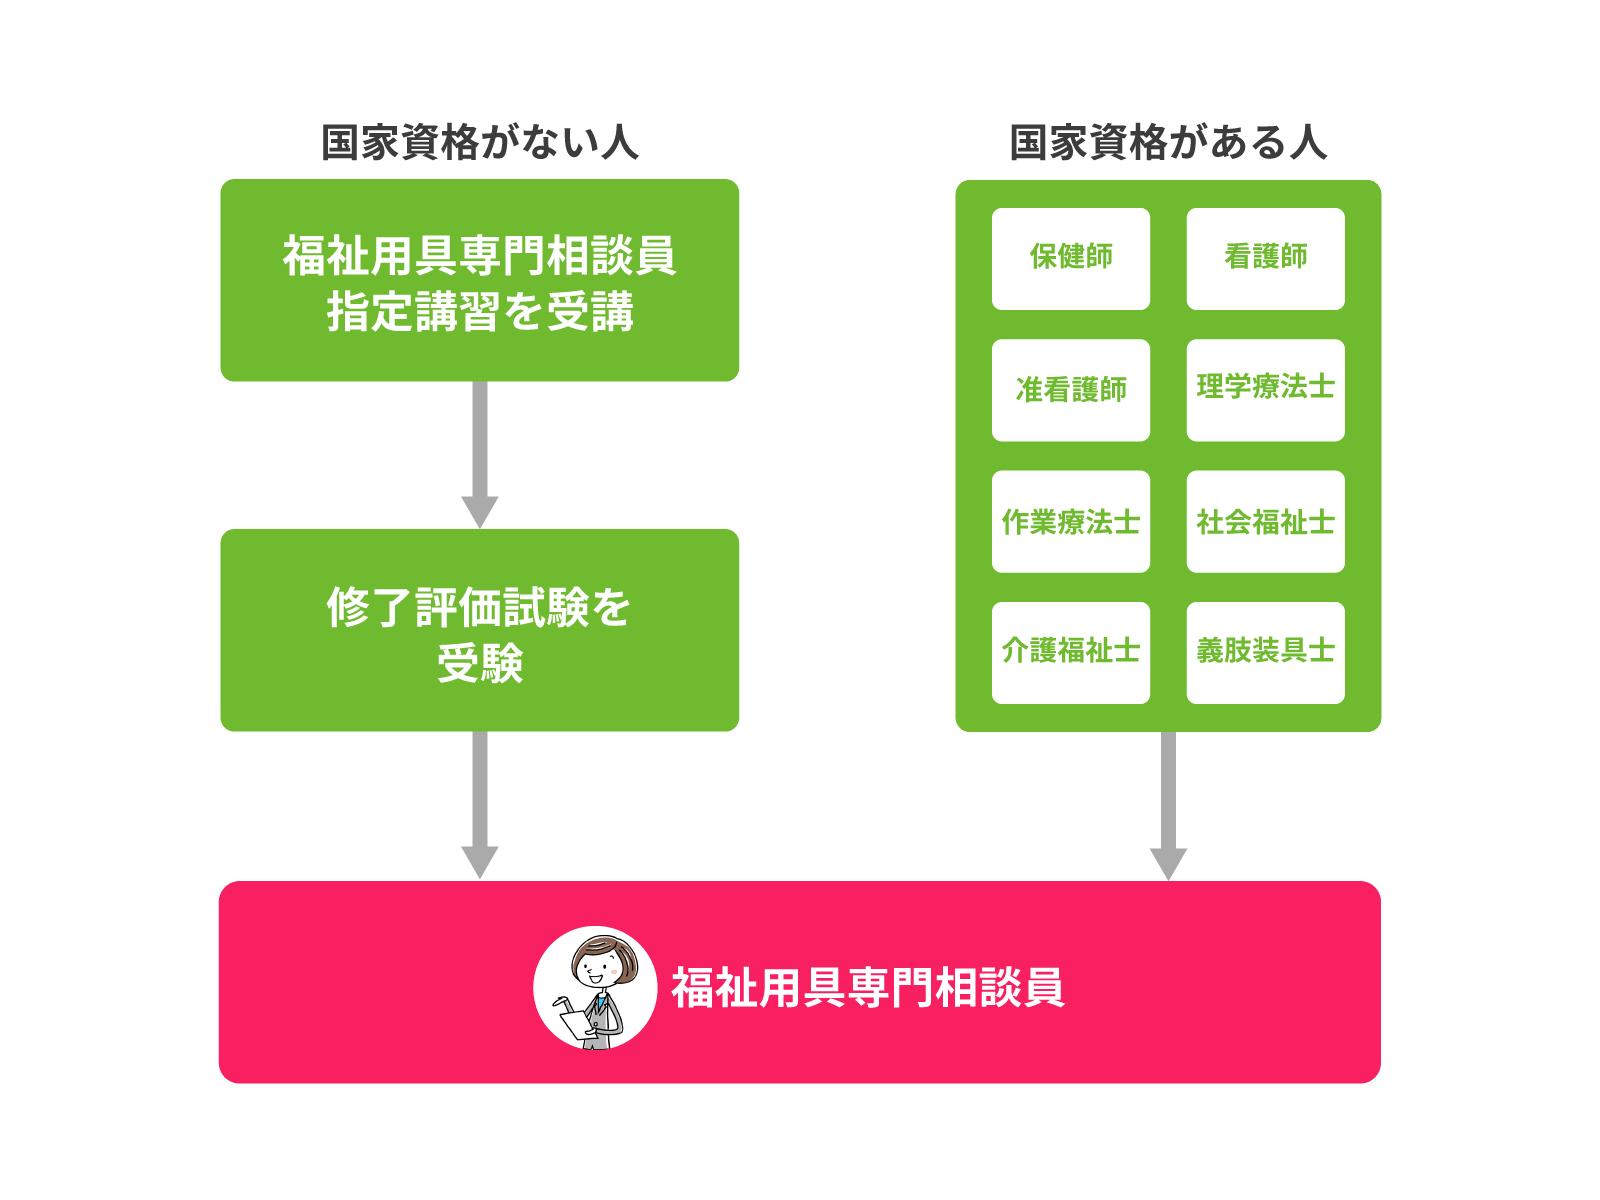 福祉用具専門相談員になるためのルート図